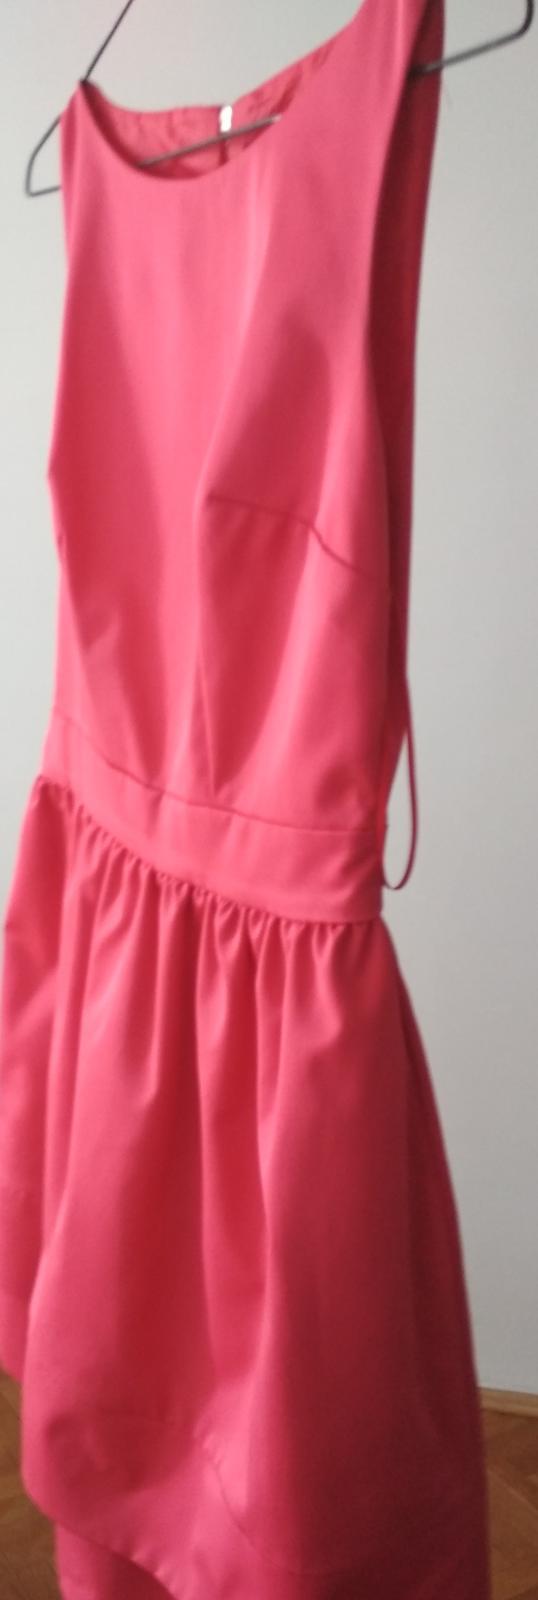 koktejlové šaty - Obrázek č. 1